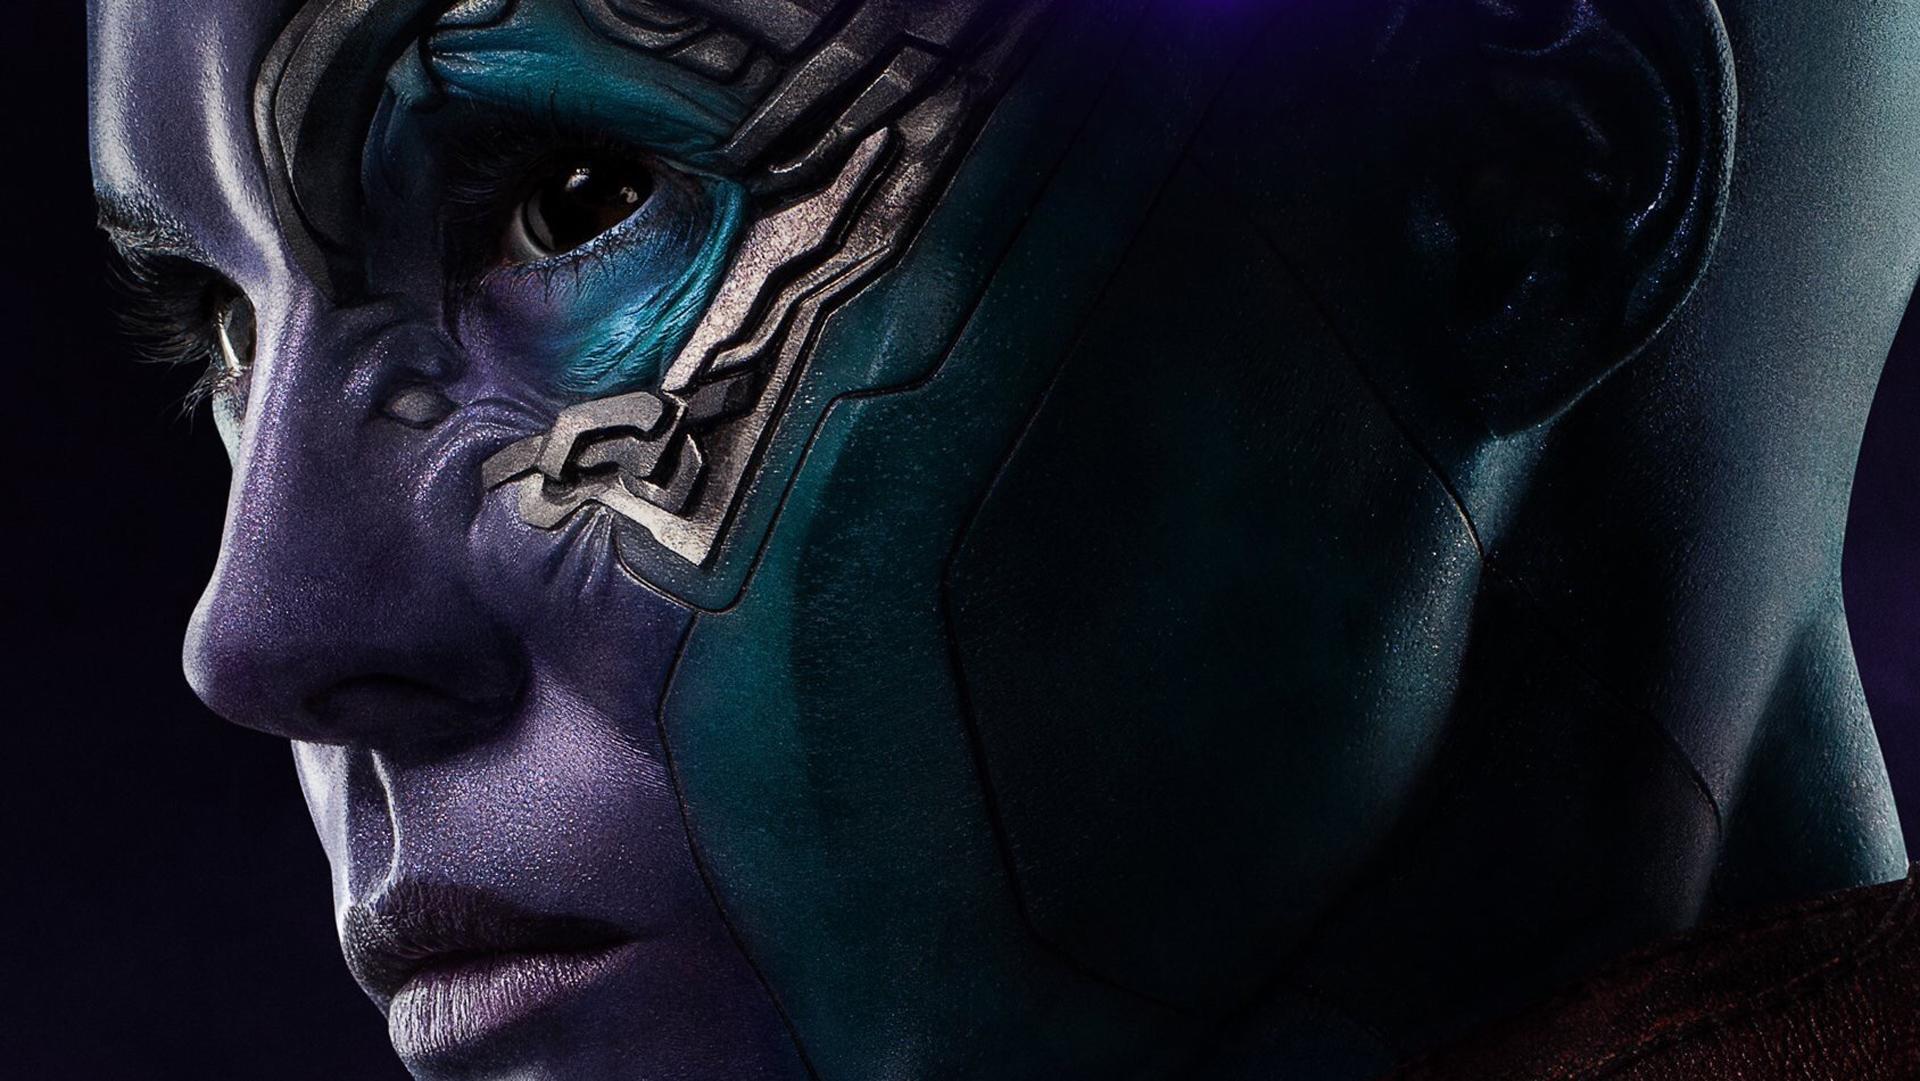 Movie Poster 2019: 1920x1080 Nebula Avengers Endgame 2019 Poster Laptop Full